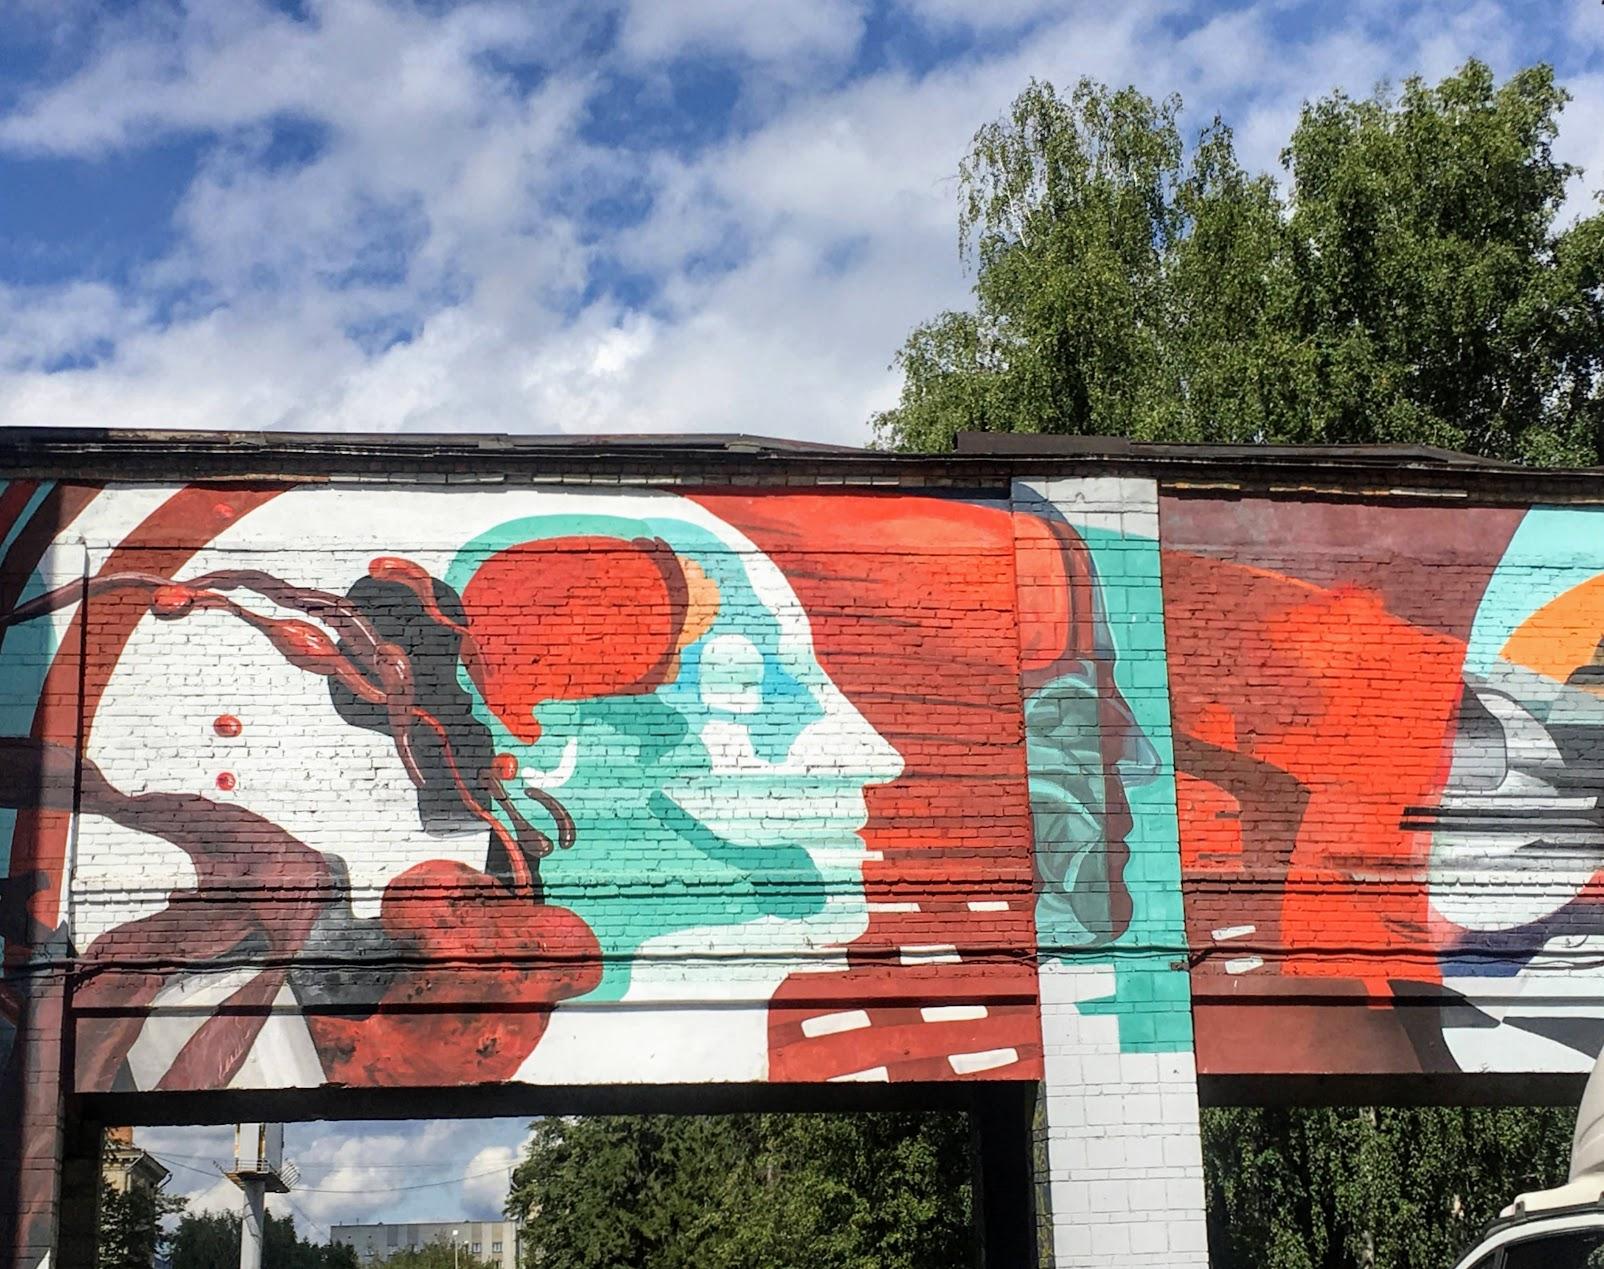 граффити на территории НГТУ. не знаю, что имел в виду художник, но я вижу здесь мои медленно закипающие мозги )))